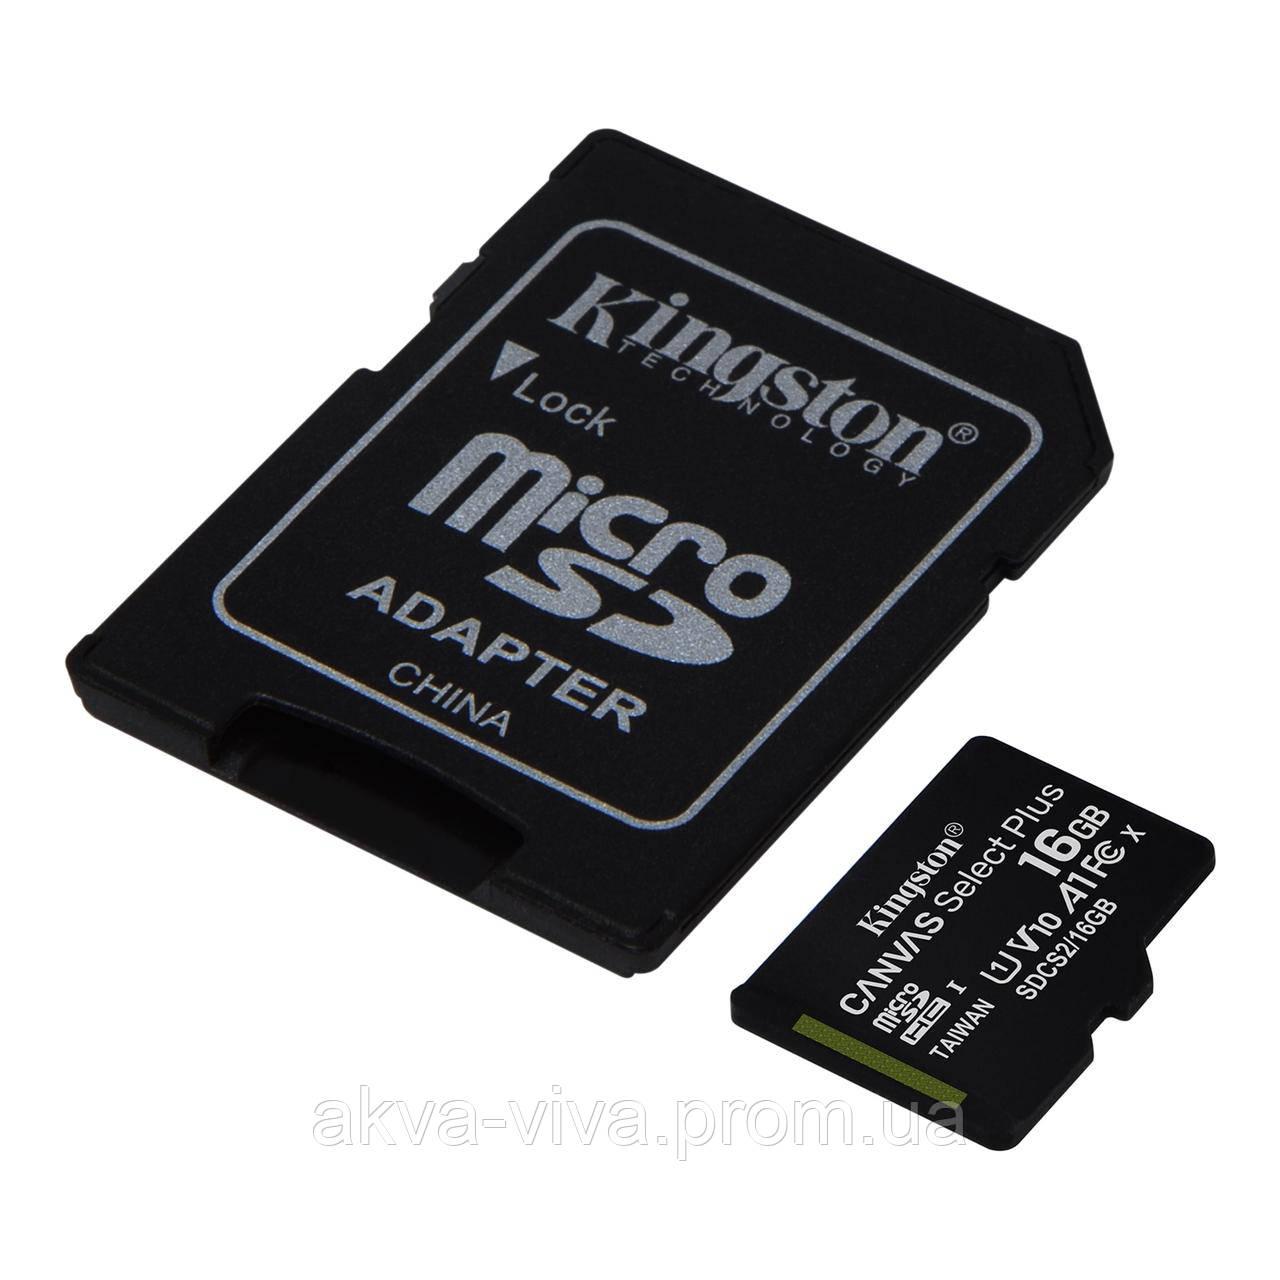 Карта памяти Kingston microSD 16 GB (К-16)